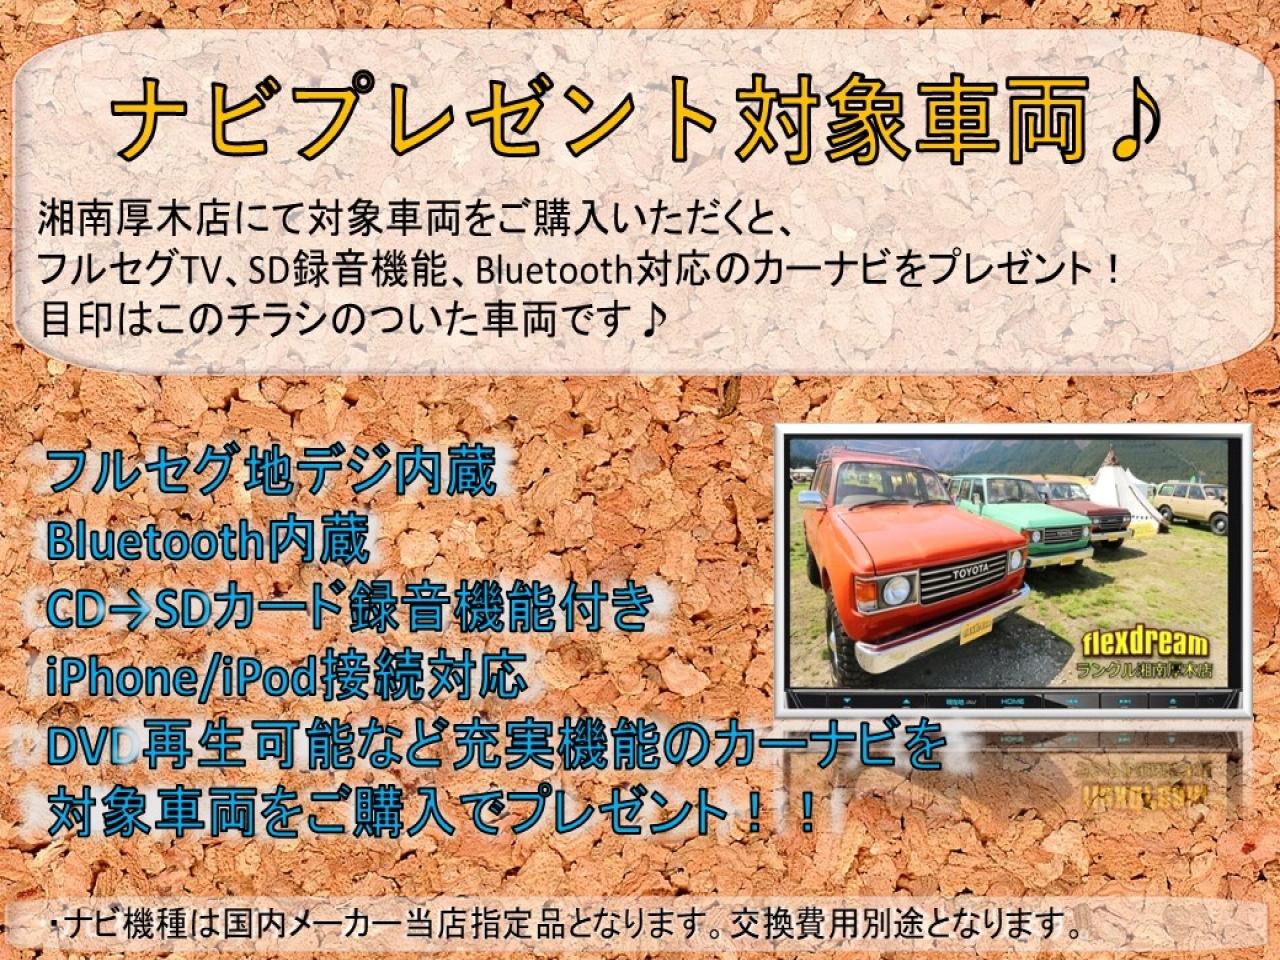 (継続)ランクル湘南厚木店車両限定ナビプレゼントフェア開催しております。